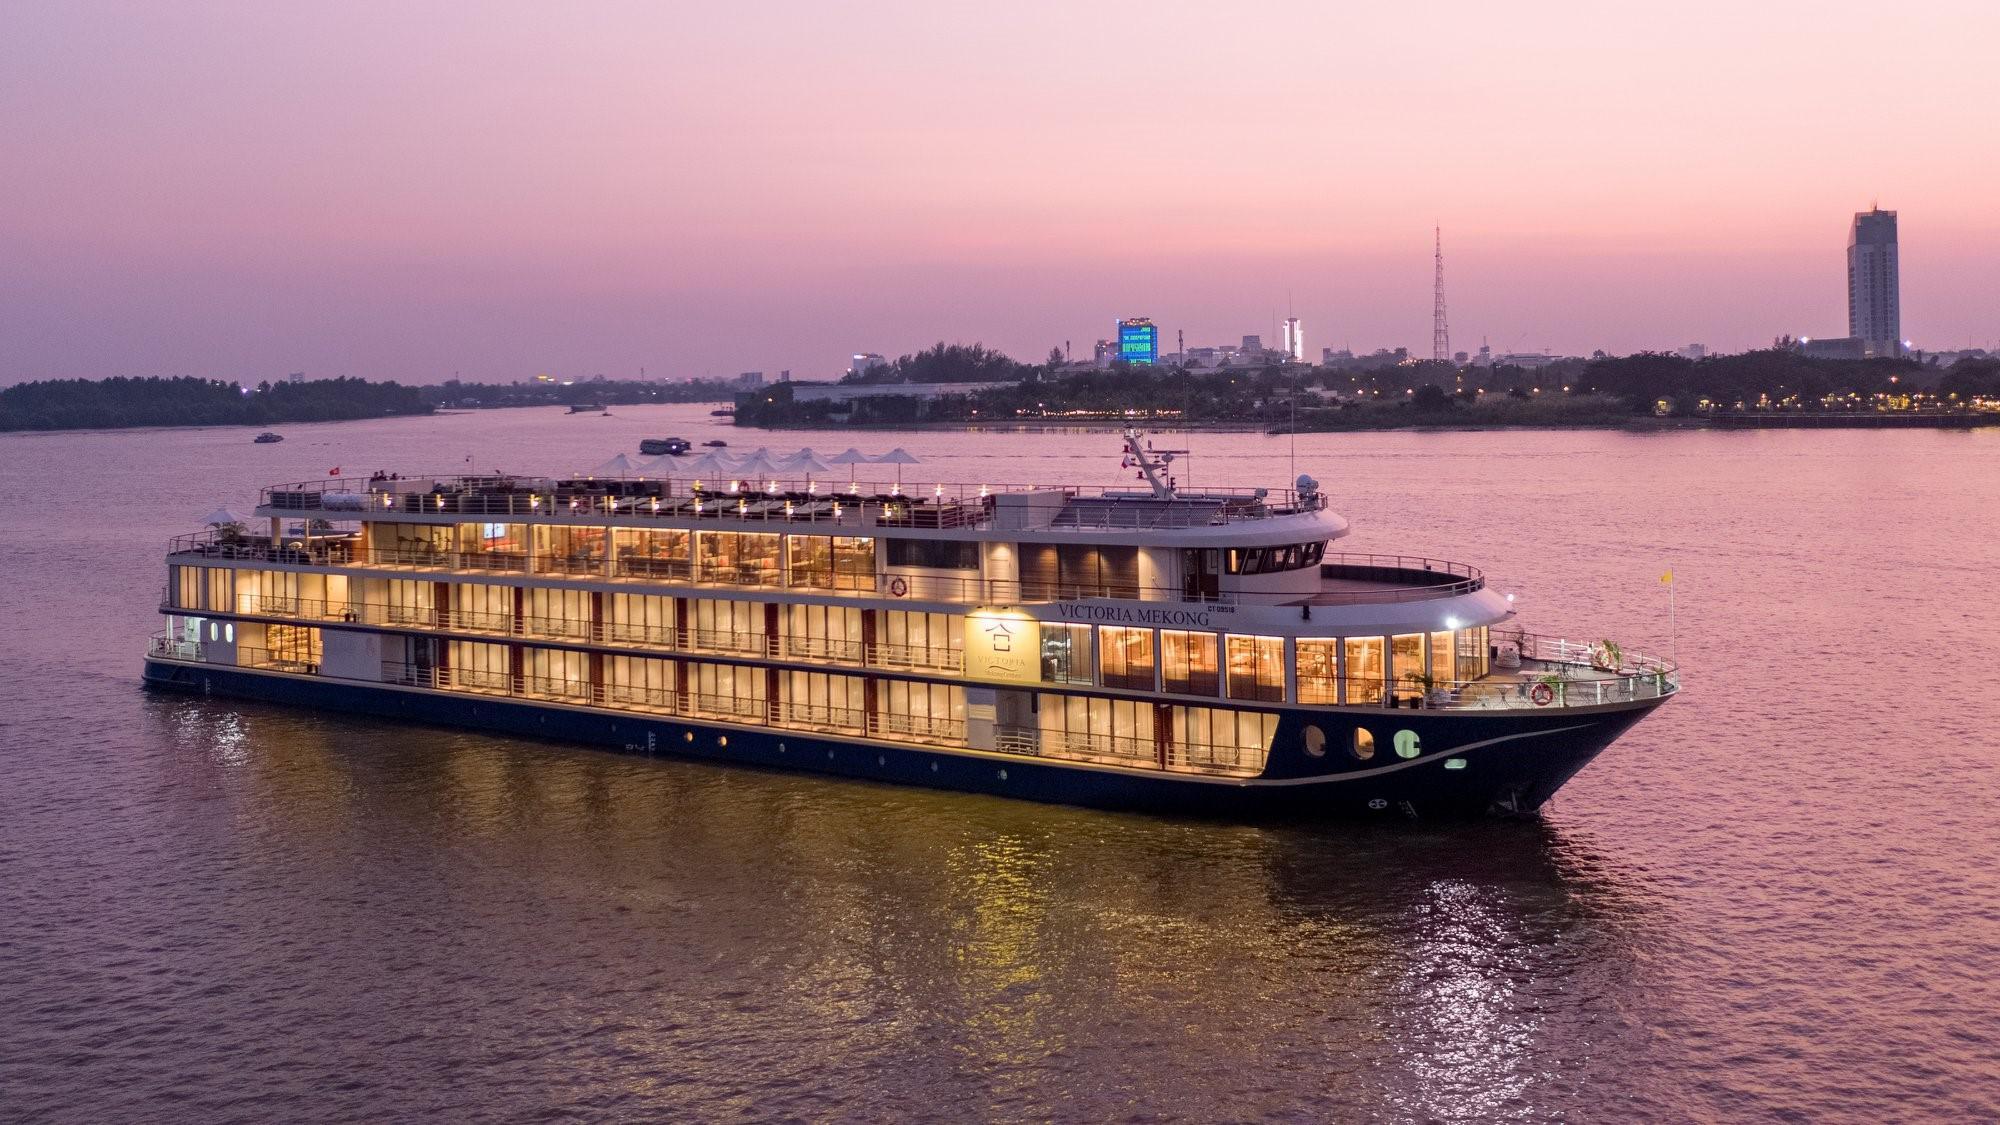 Du thuyền Victoria Mekong khám phá Cần Thơ - Châu Đốc 3 Ngày 2 đêm